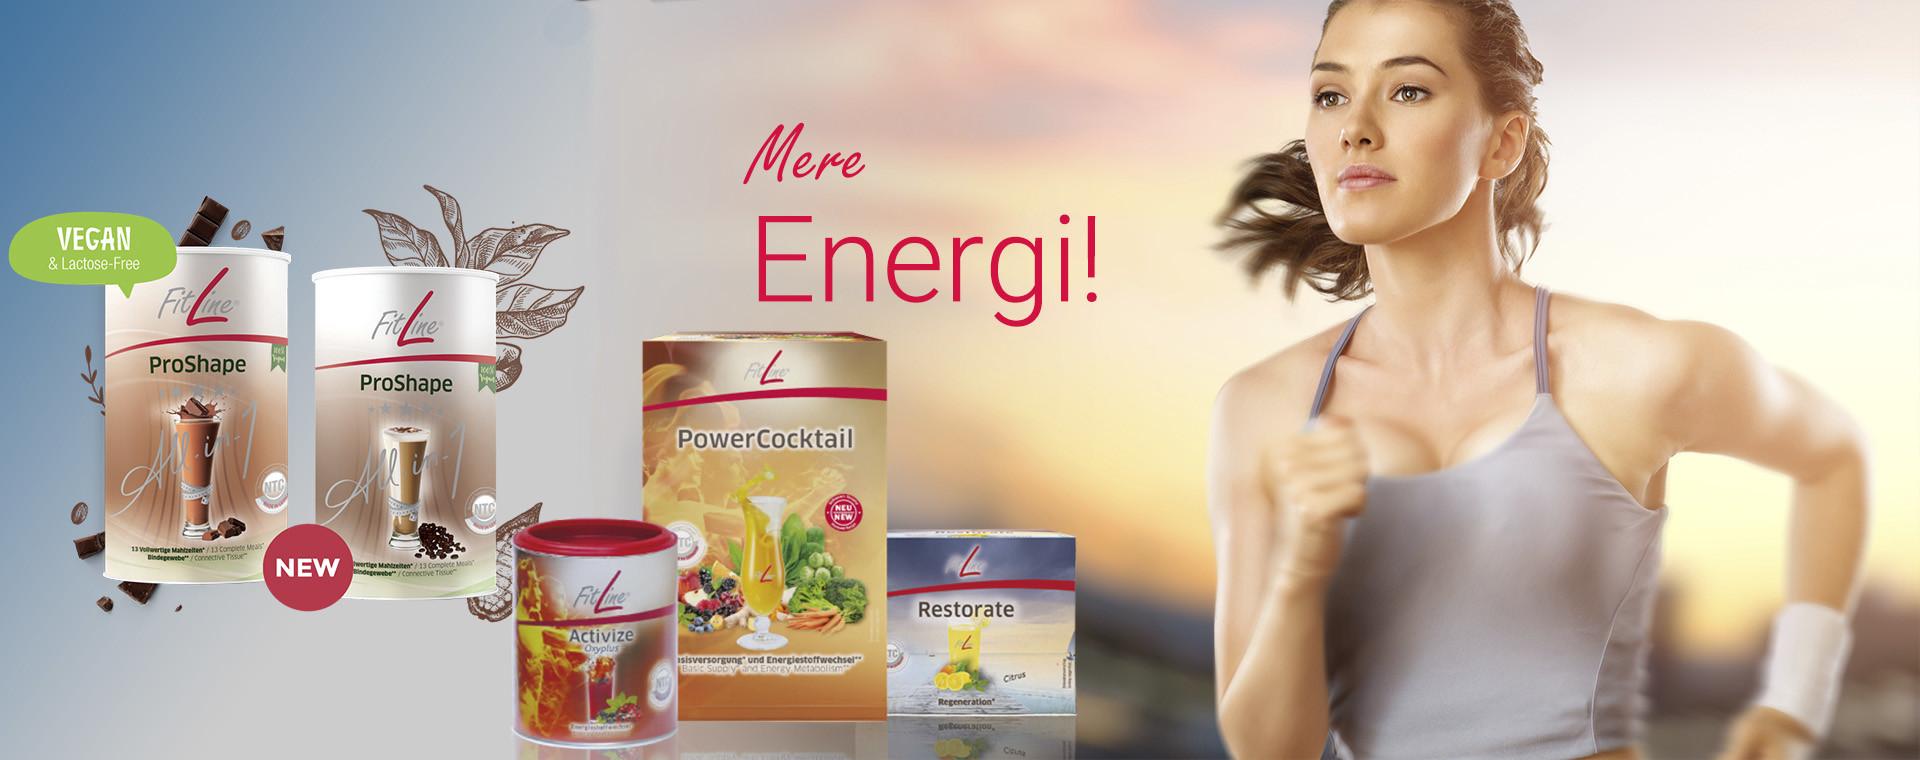 mere-energi